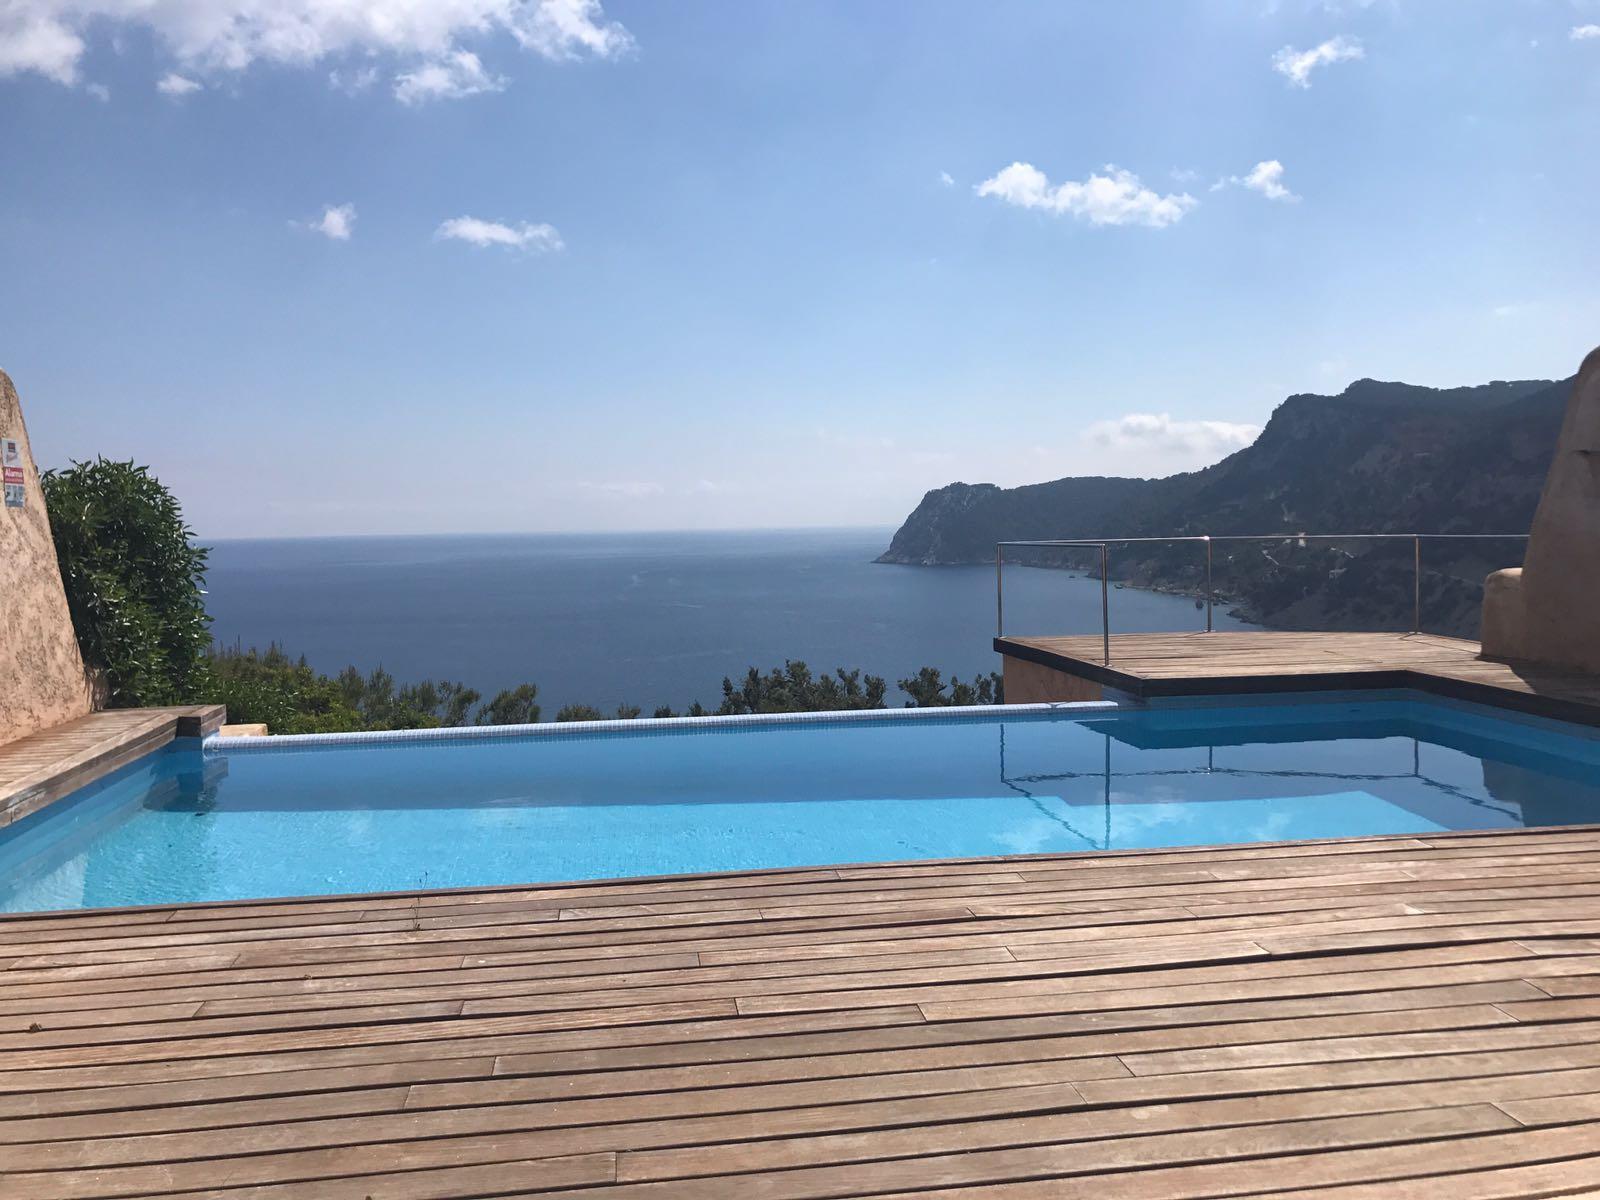 Huis met een adembenemend uitzicht over de baai en de zee in Es Cubells